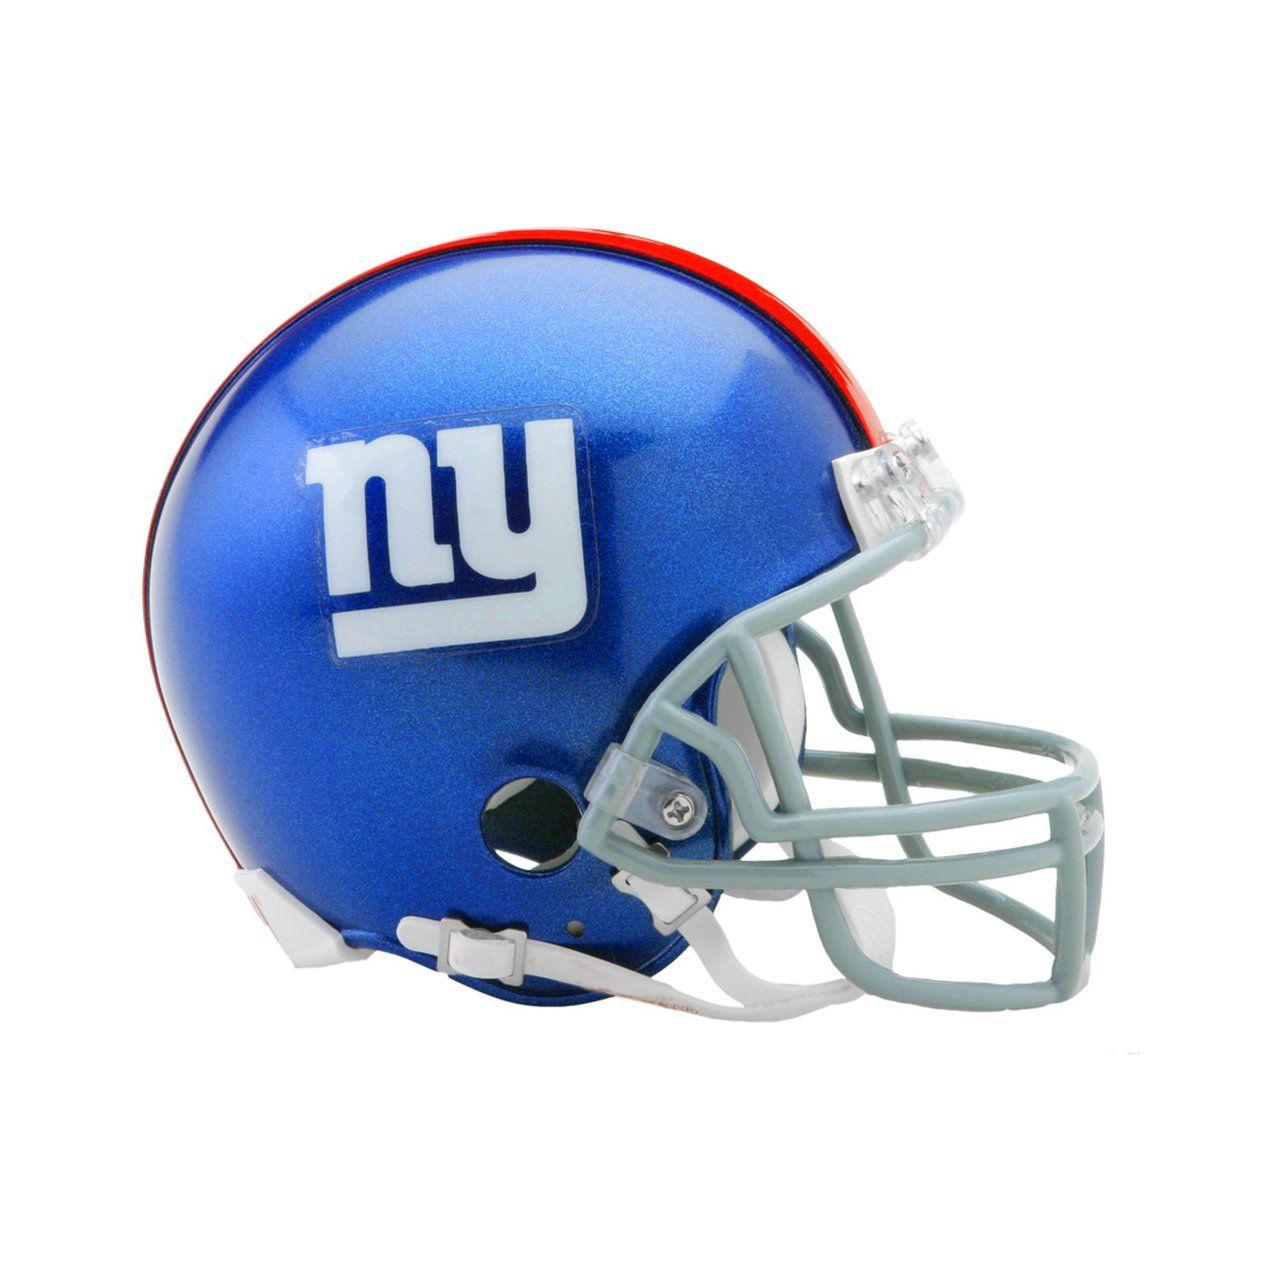 amfoo - Riddell VSR4 Mini Football Helm - NFL New York Giants